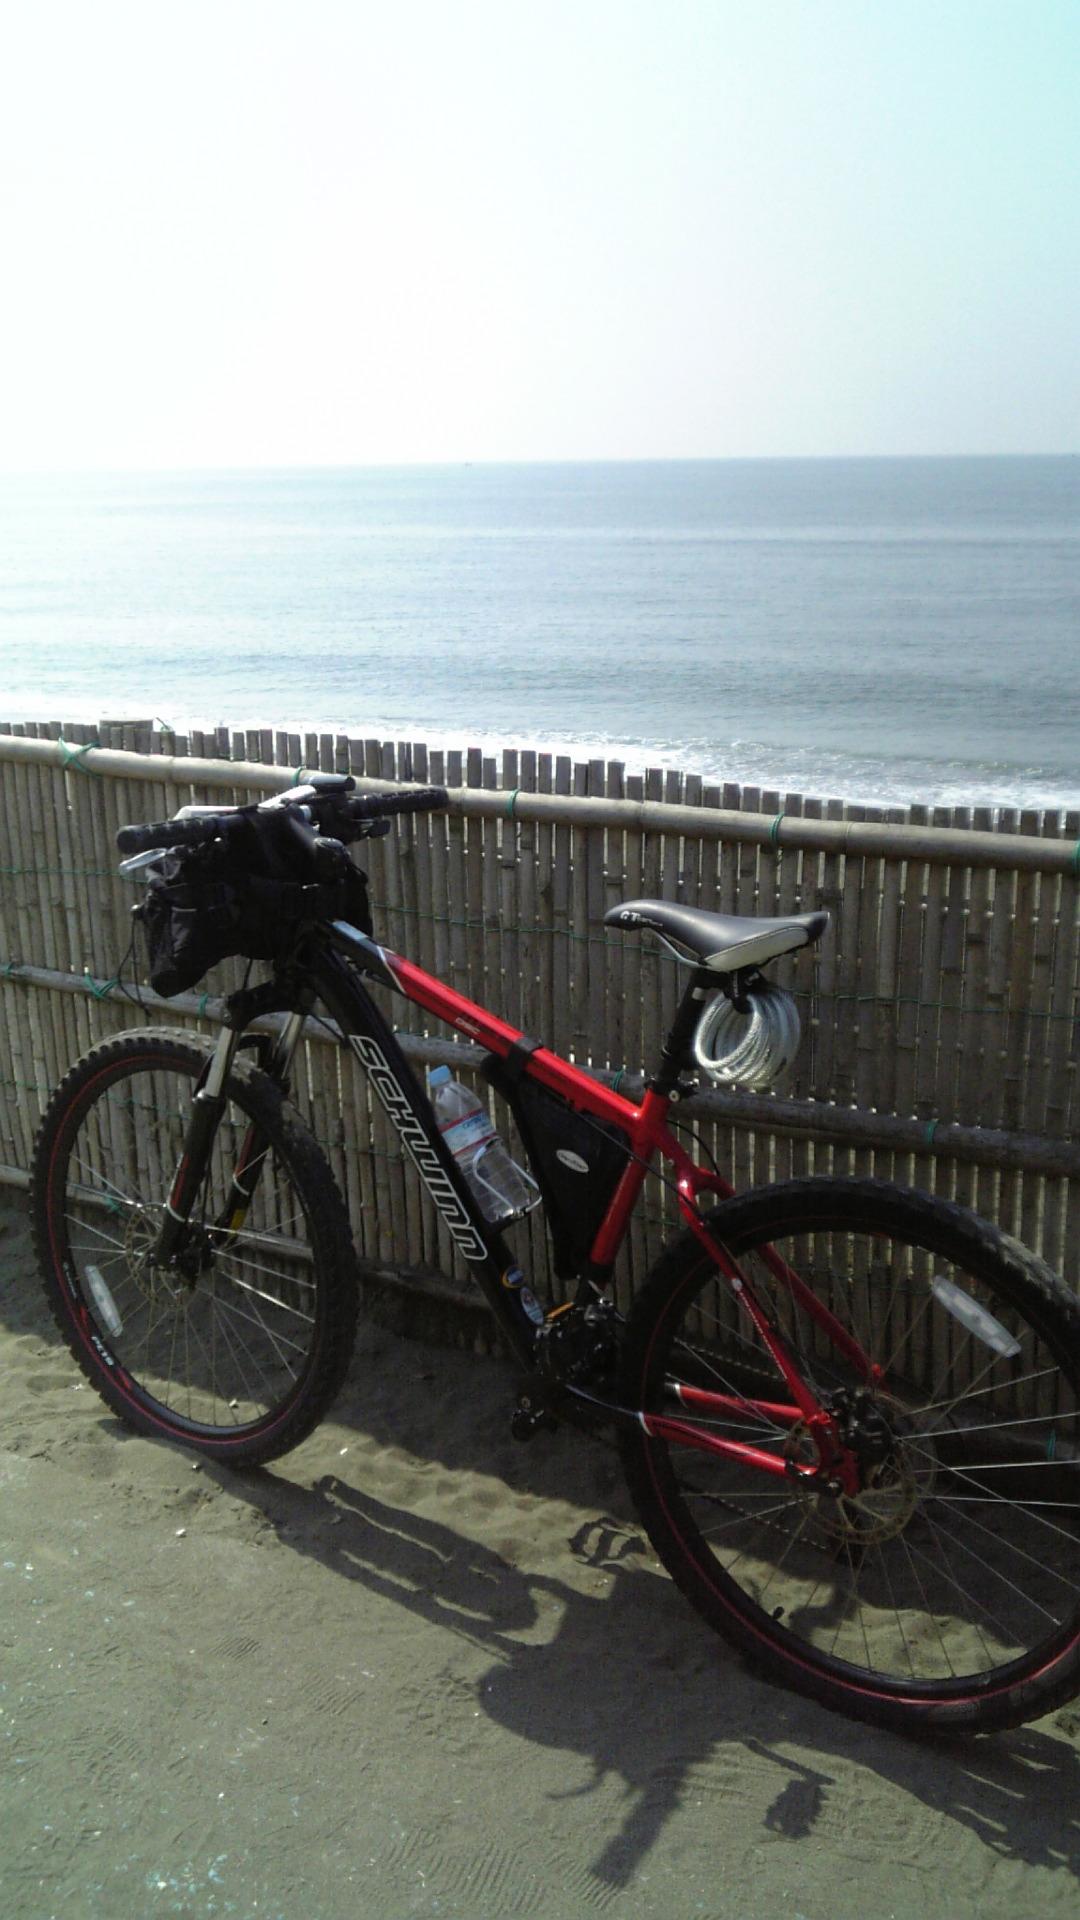 マウンテンバイク往復 約110kmの旅!_d0157745_23571163.jpg